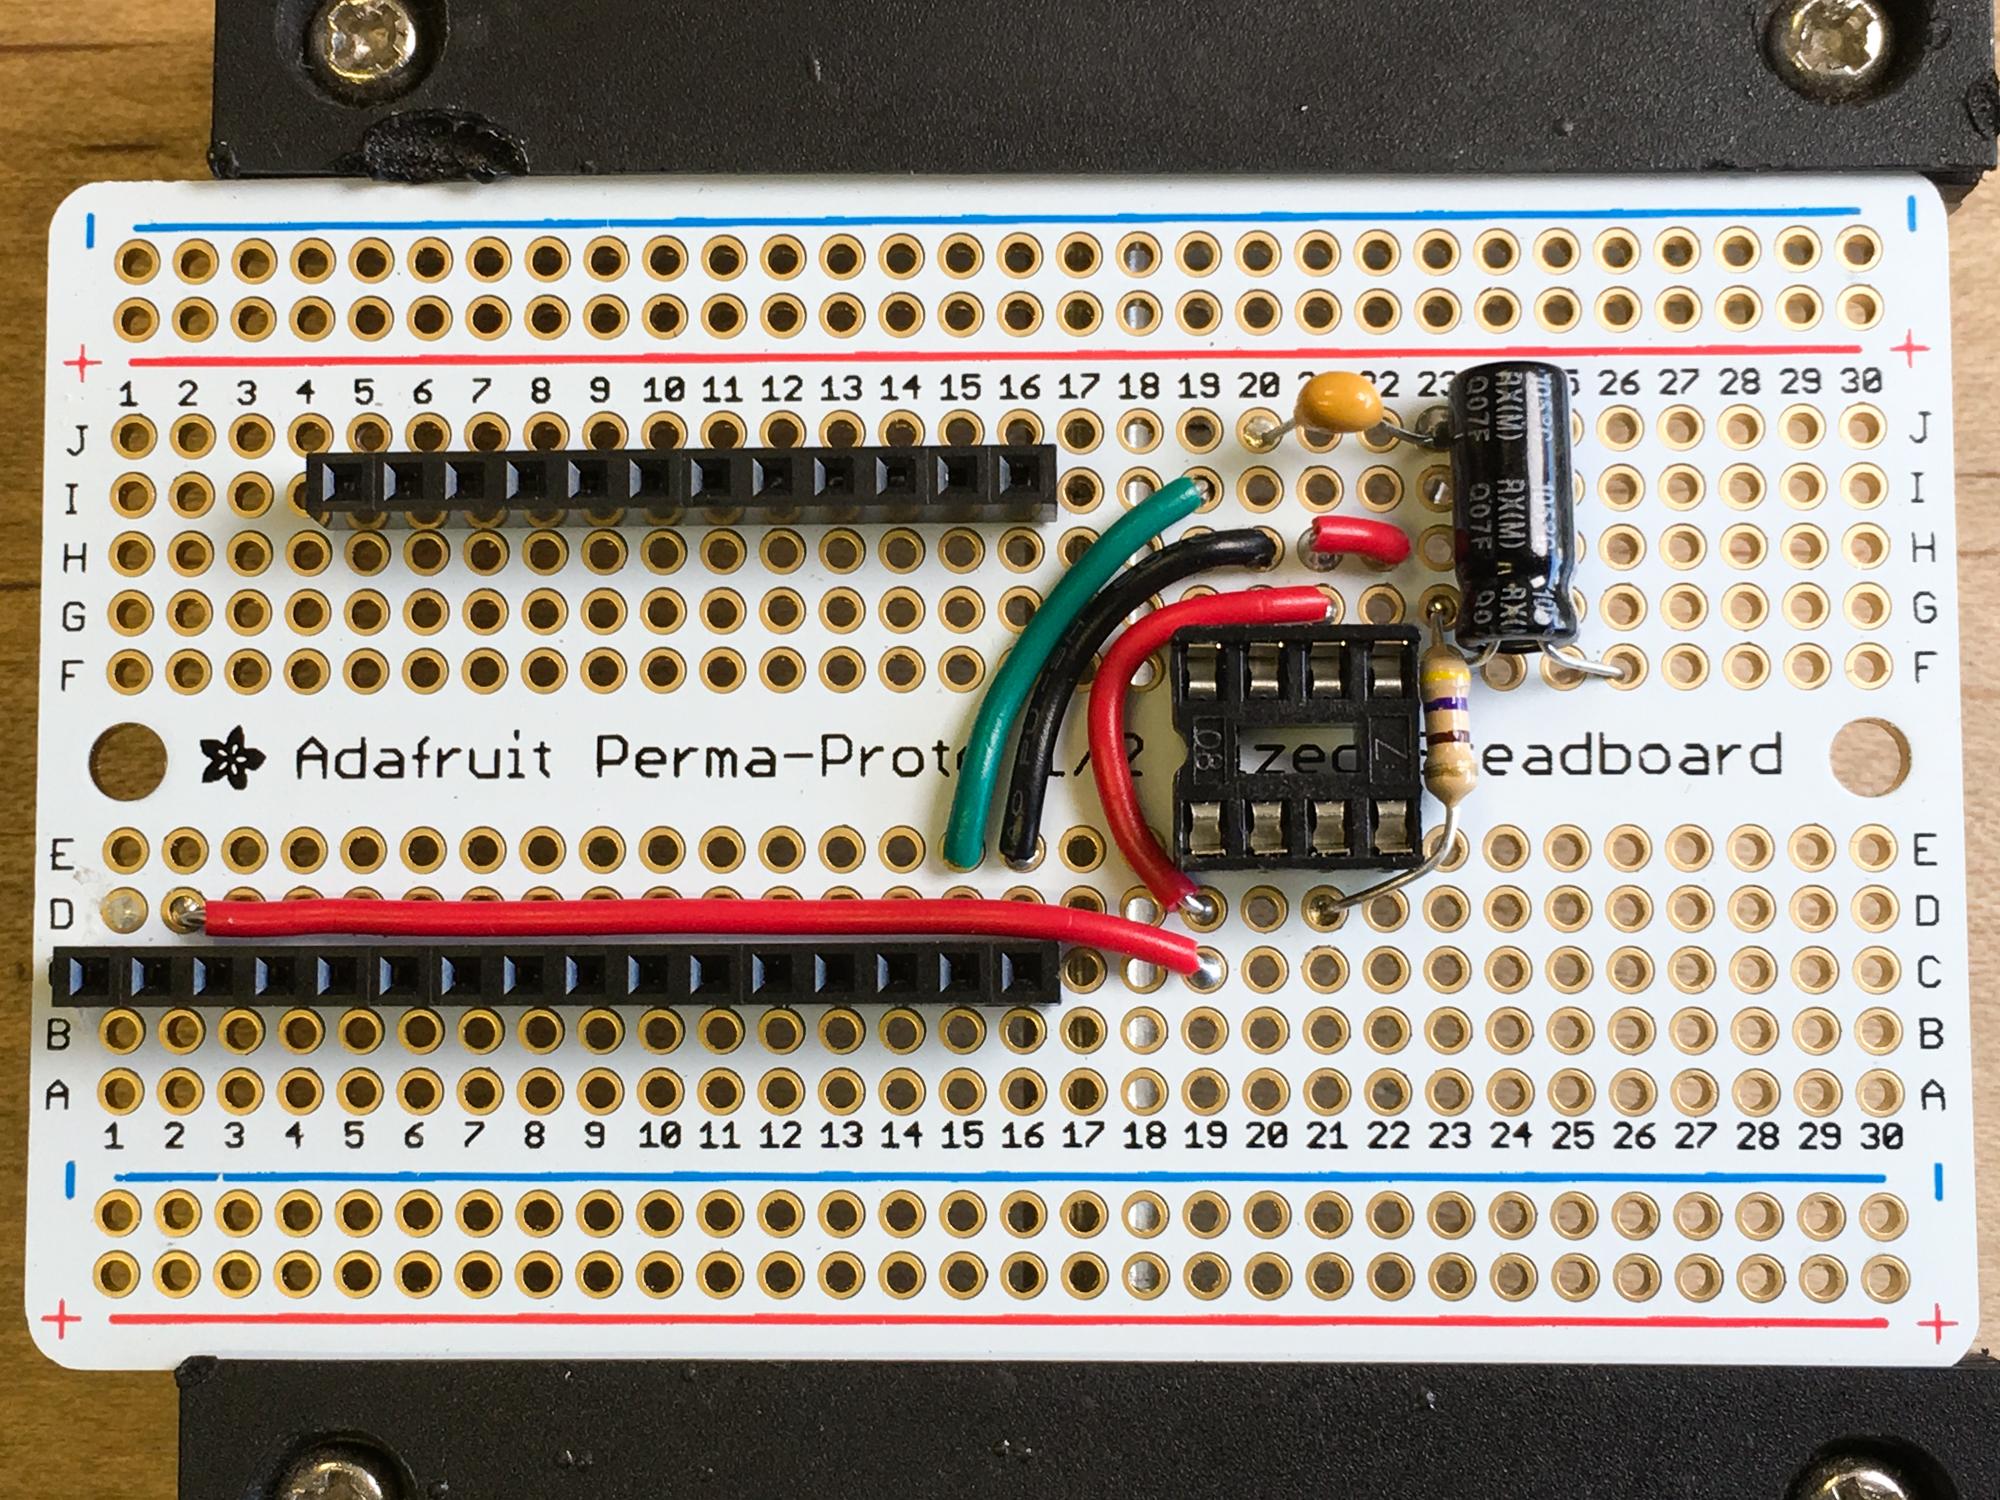 microcontrollers_IMG_1774_2k.jpg